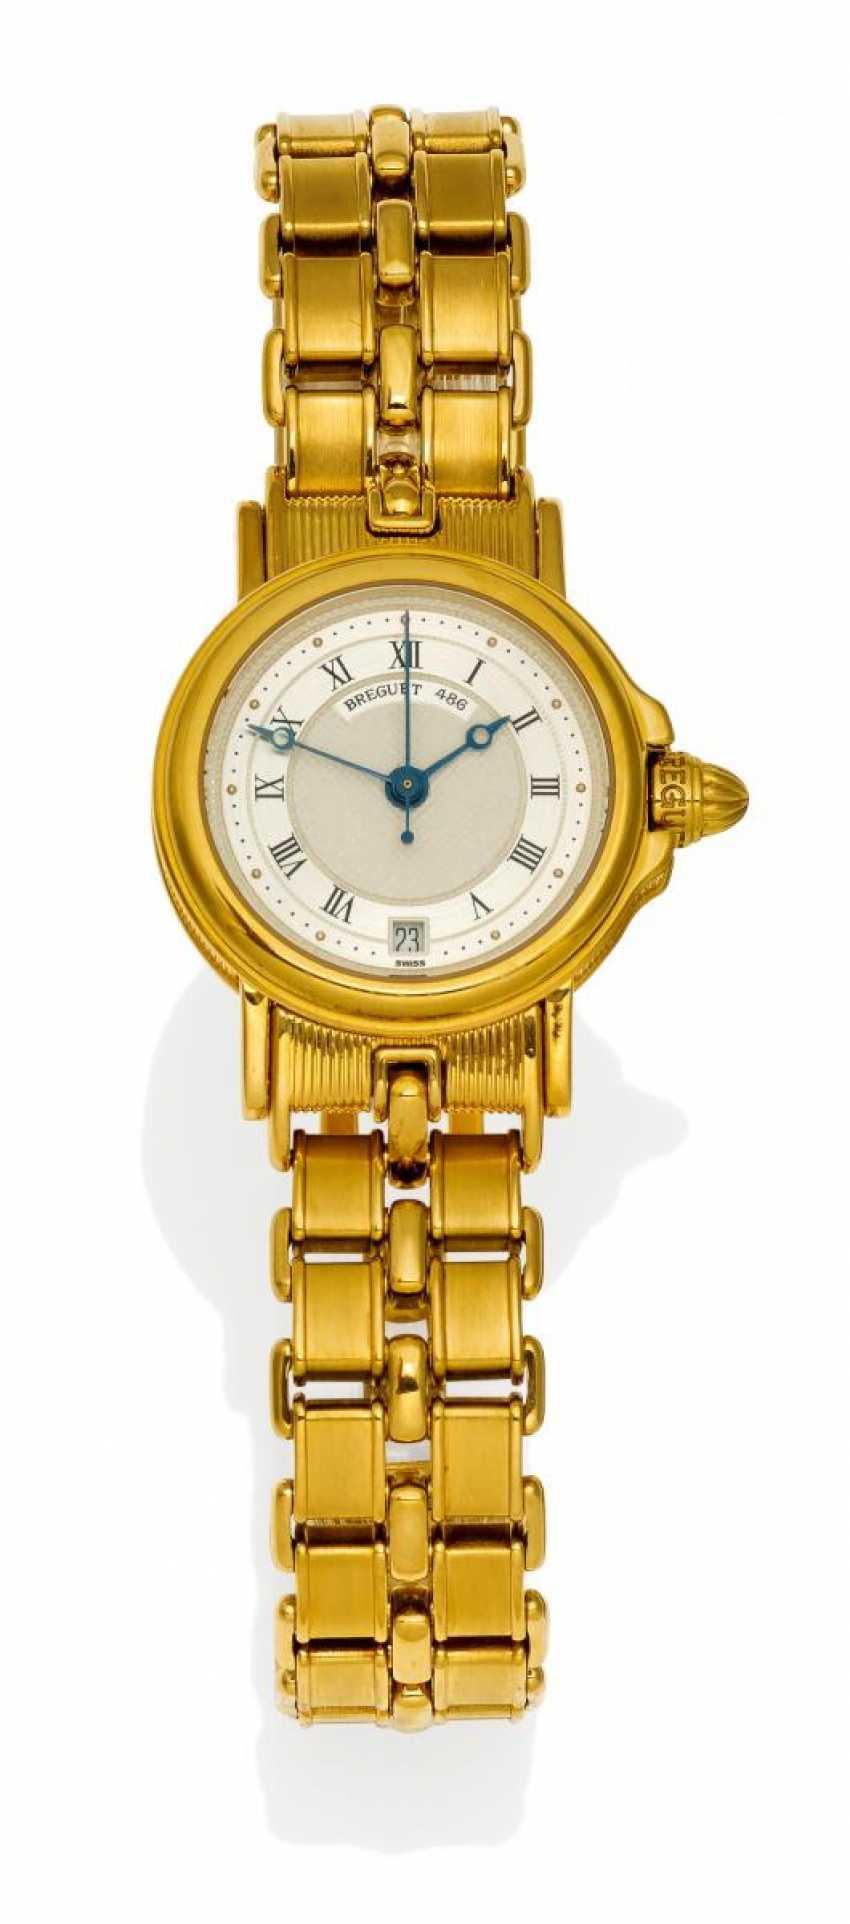 Wrist Watch Breguet, Switzerland. - photo 1